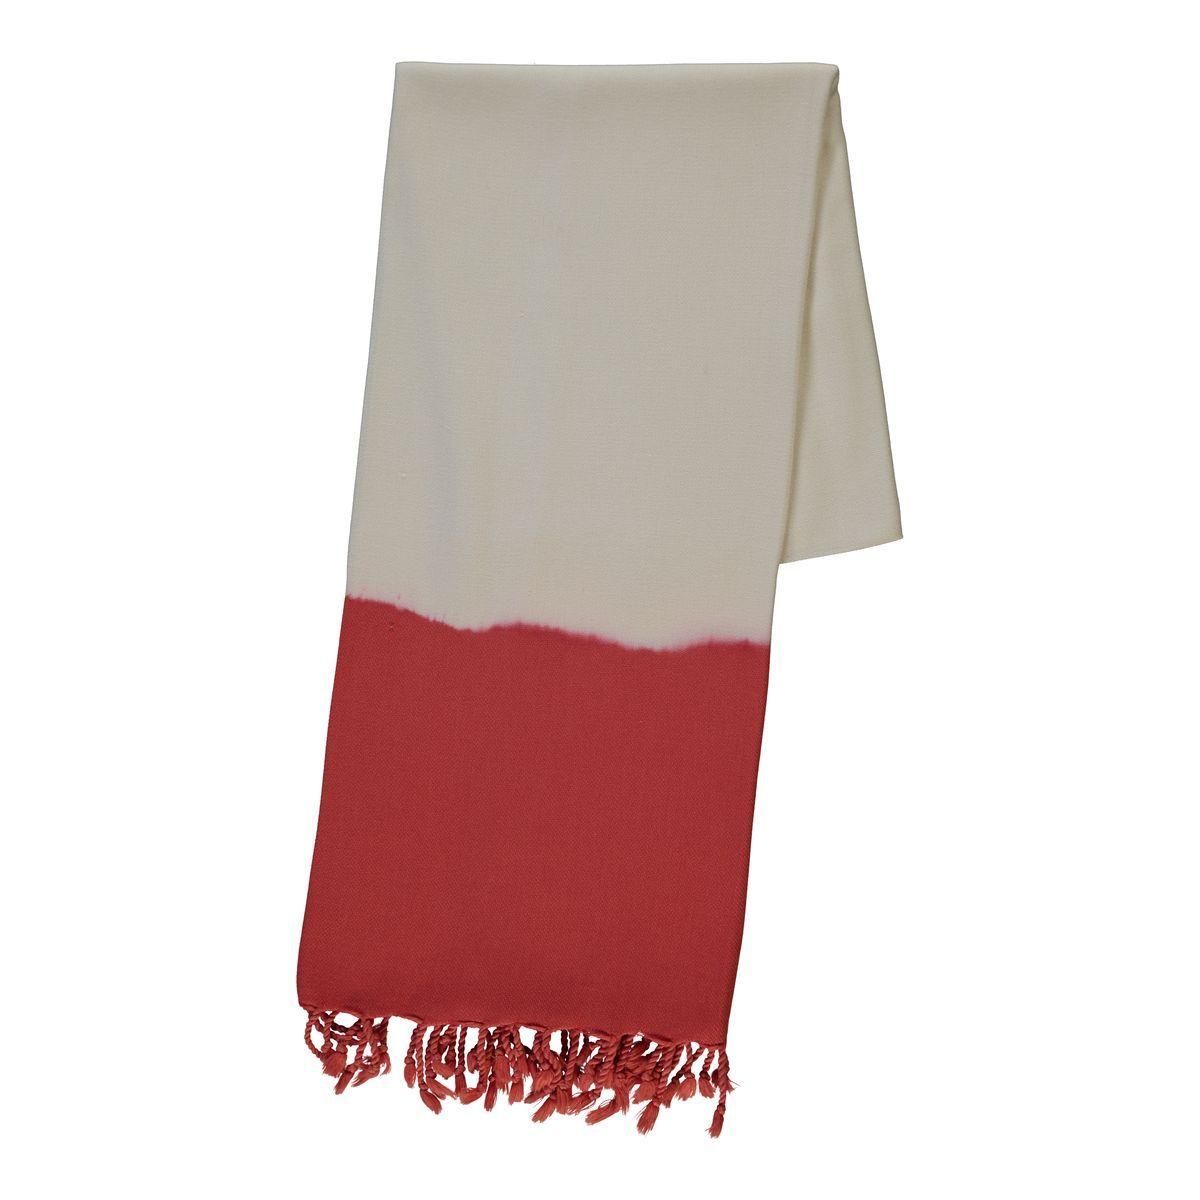 Peshtemal - Tie-Dye / Red